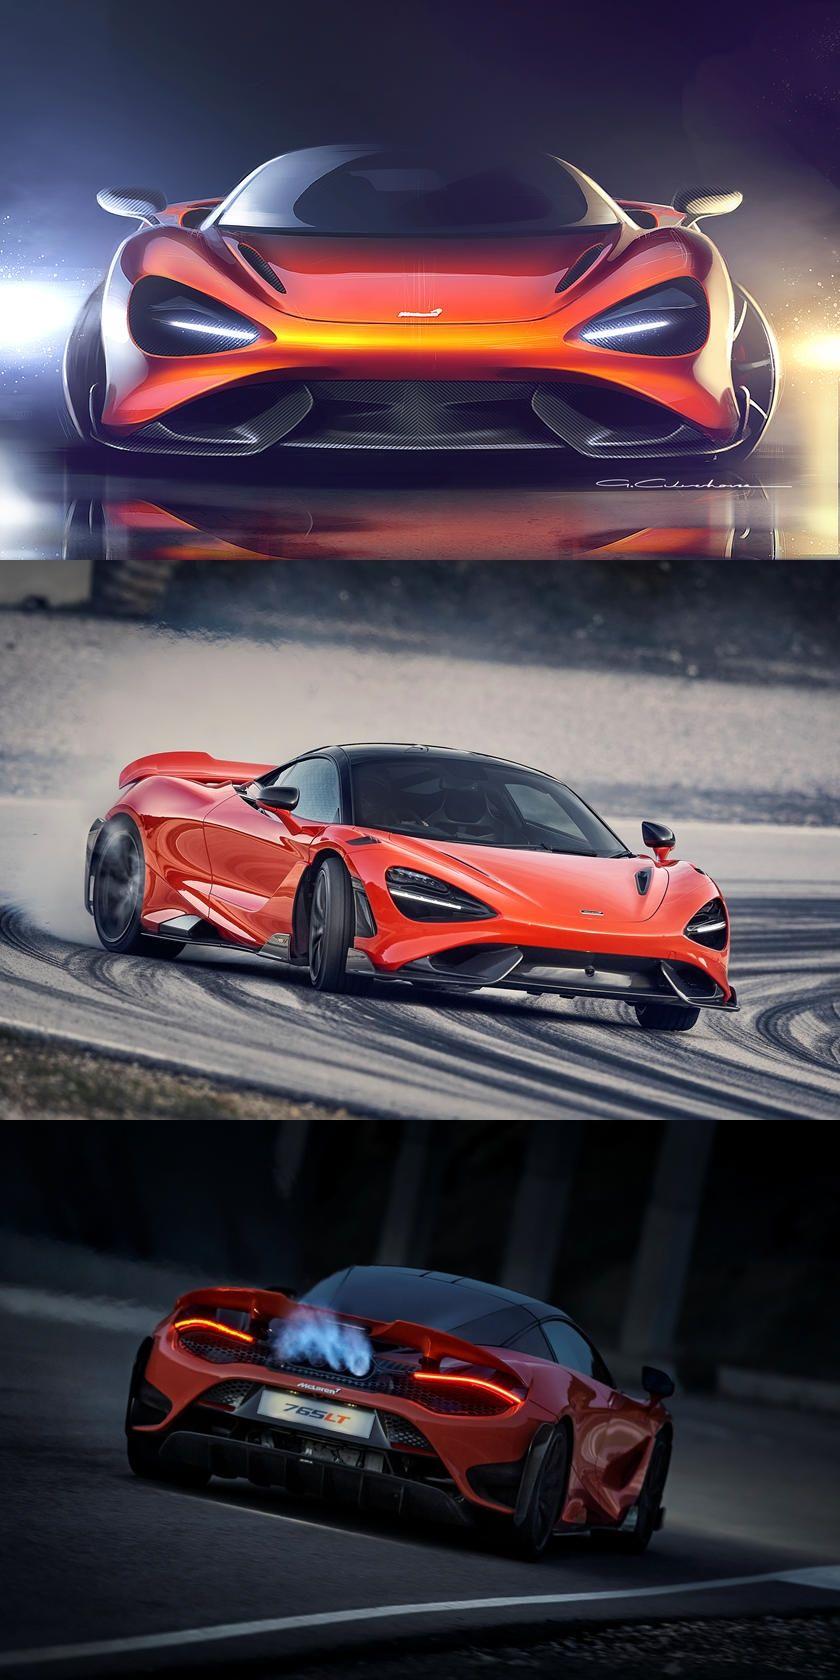 Dieser Ferrari Strotzt Vor Superlativen Der Sf90 Stradale